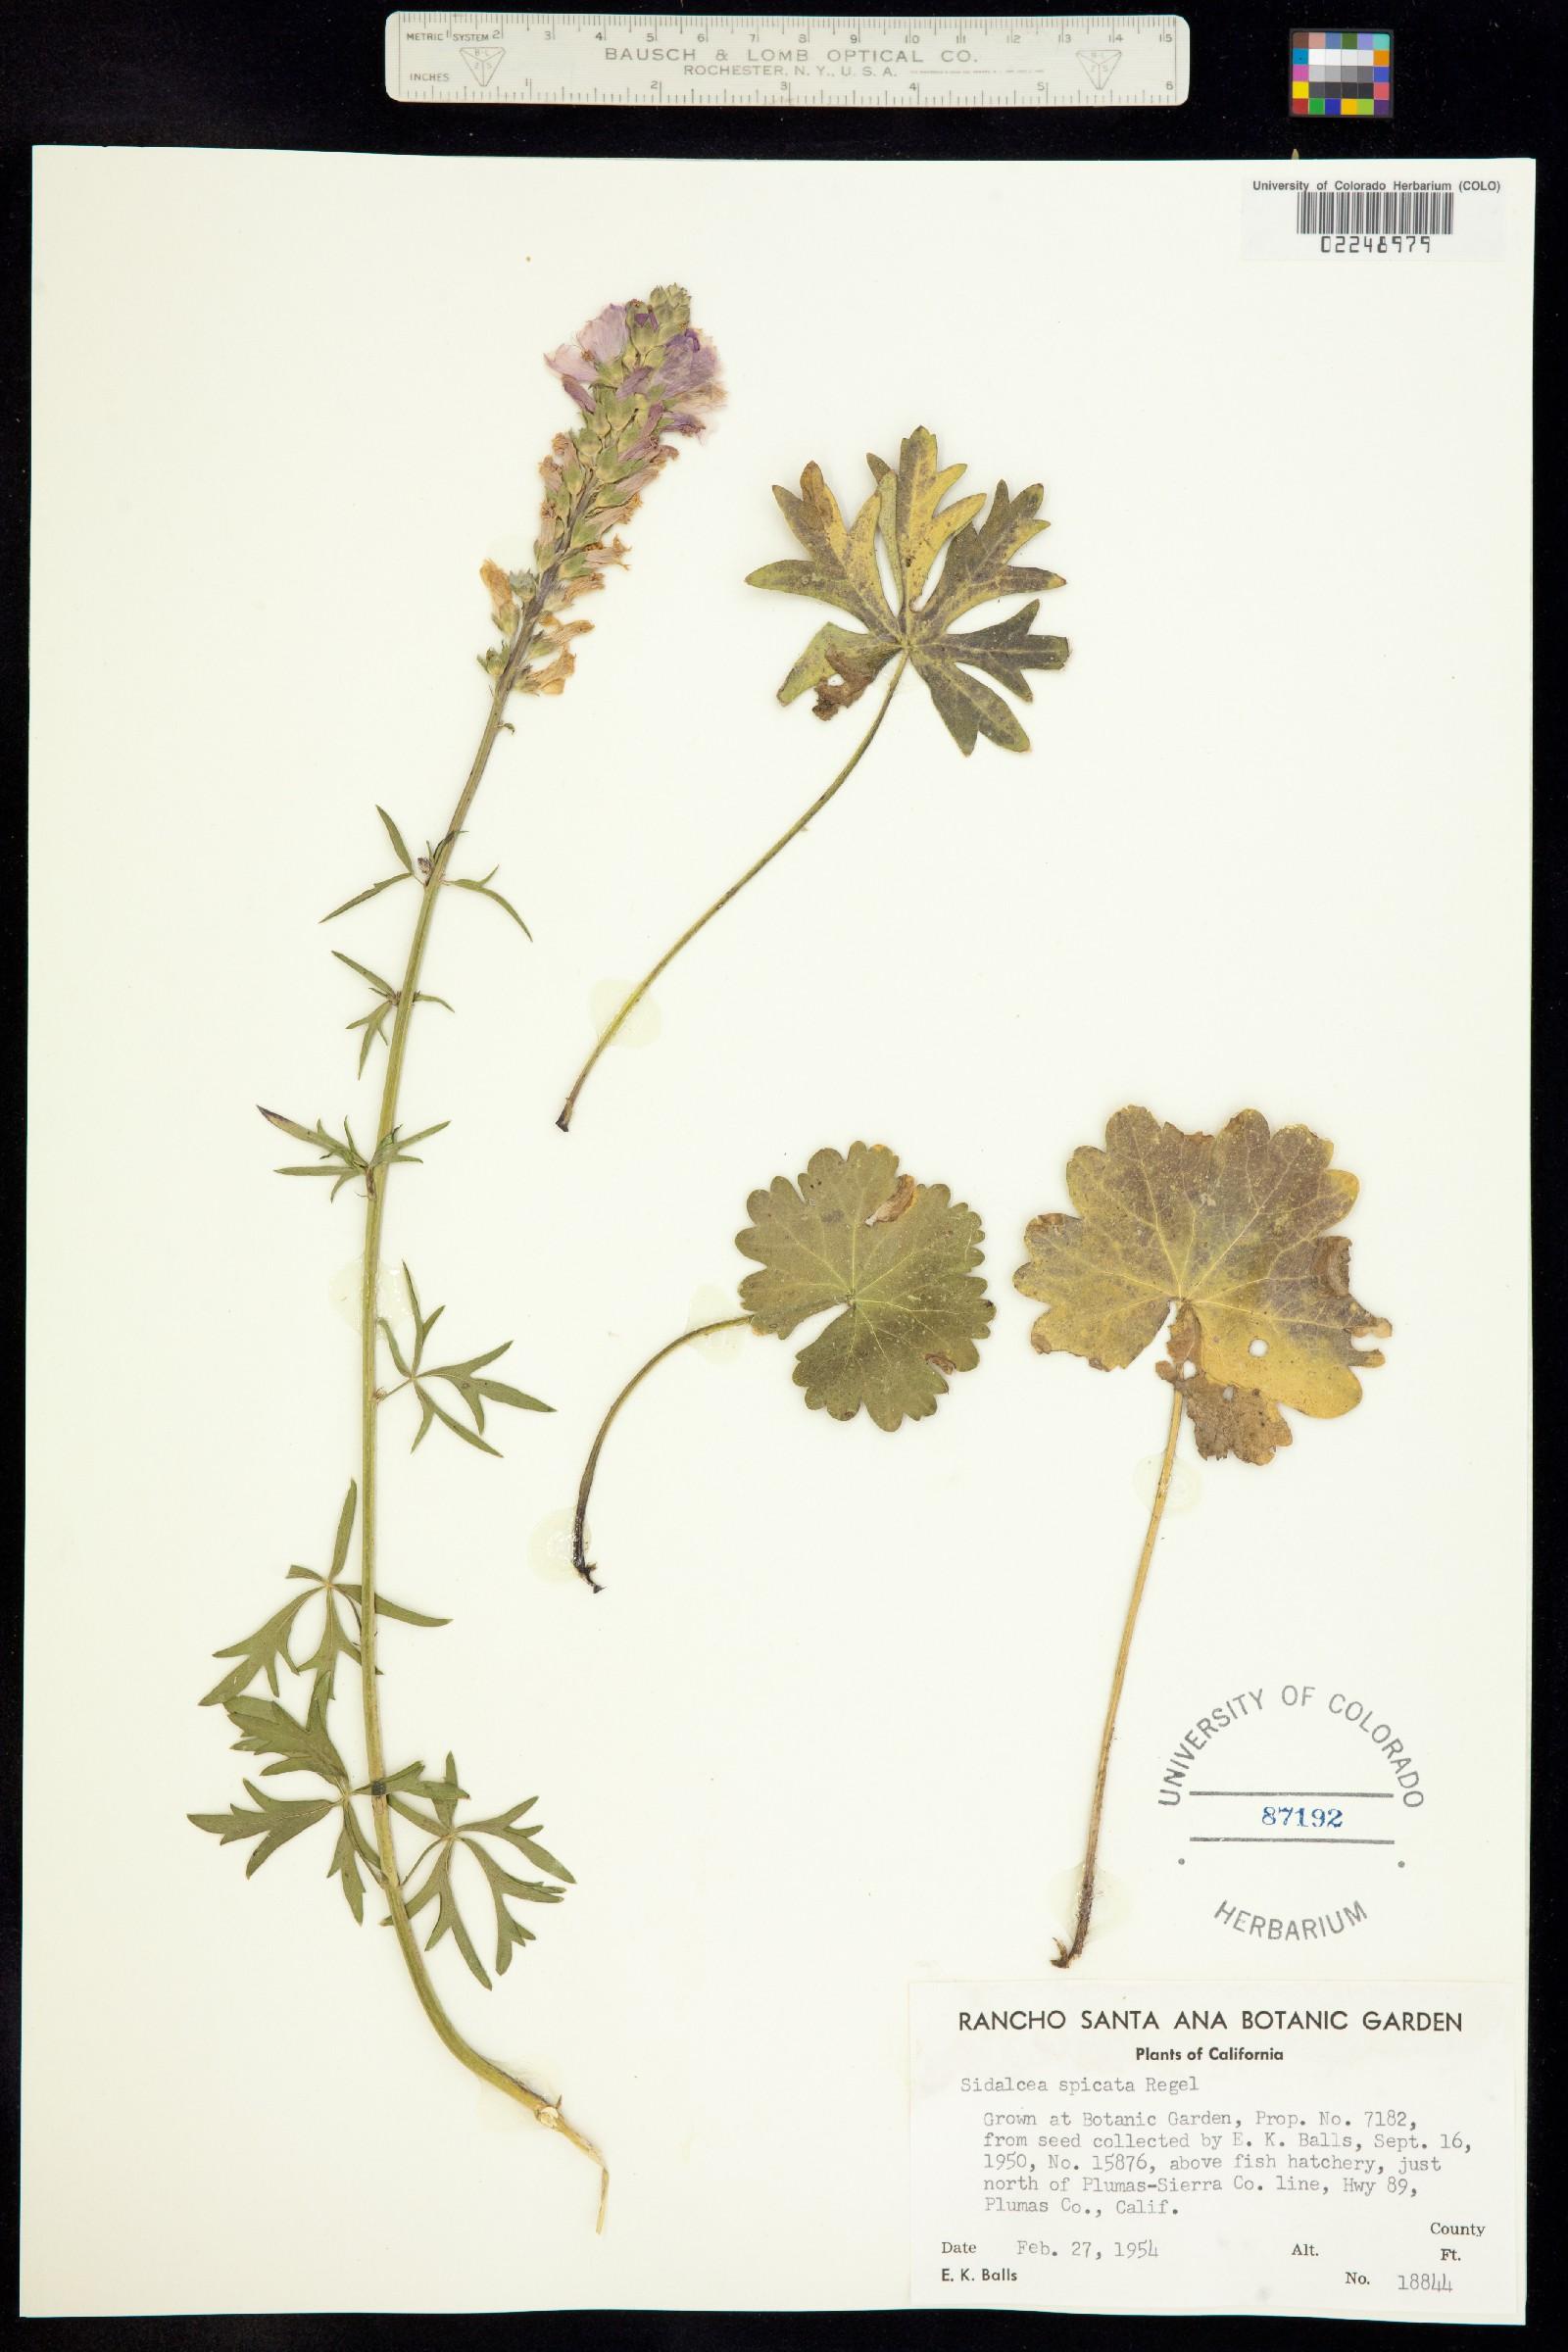 Sidalcea spicata image